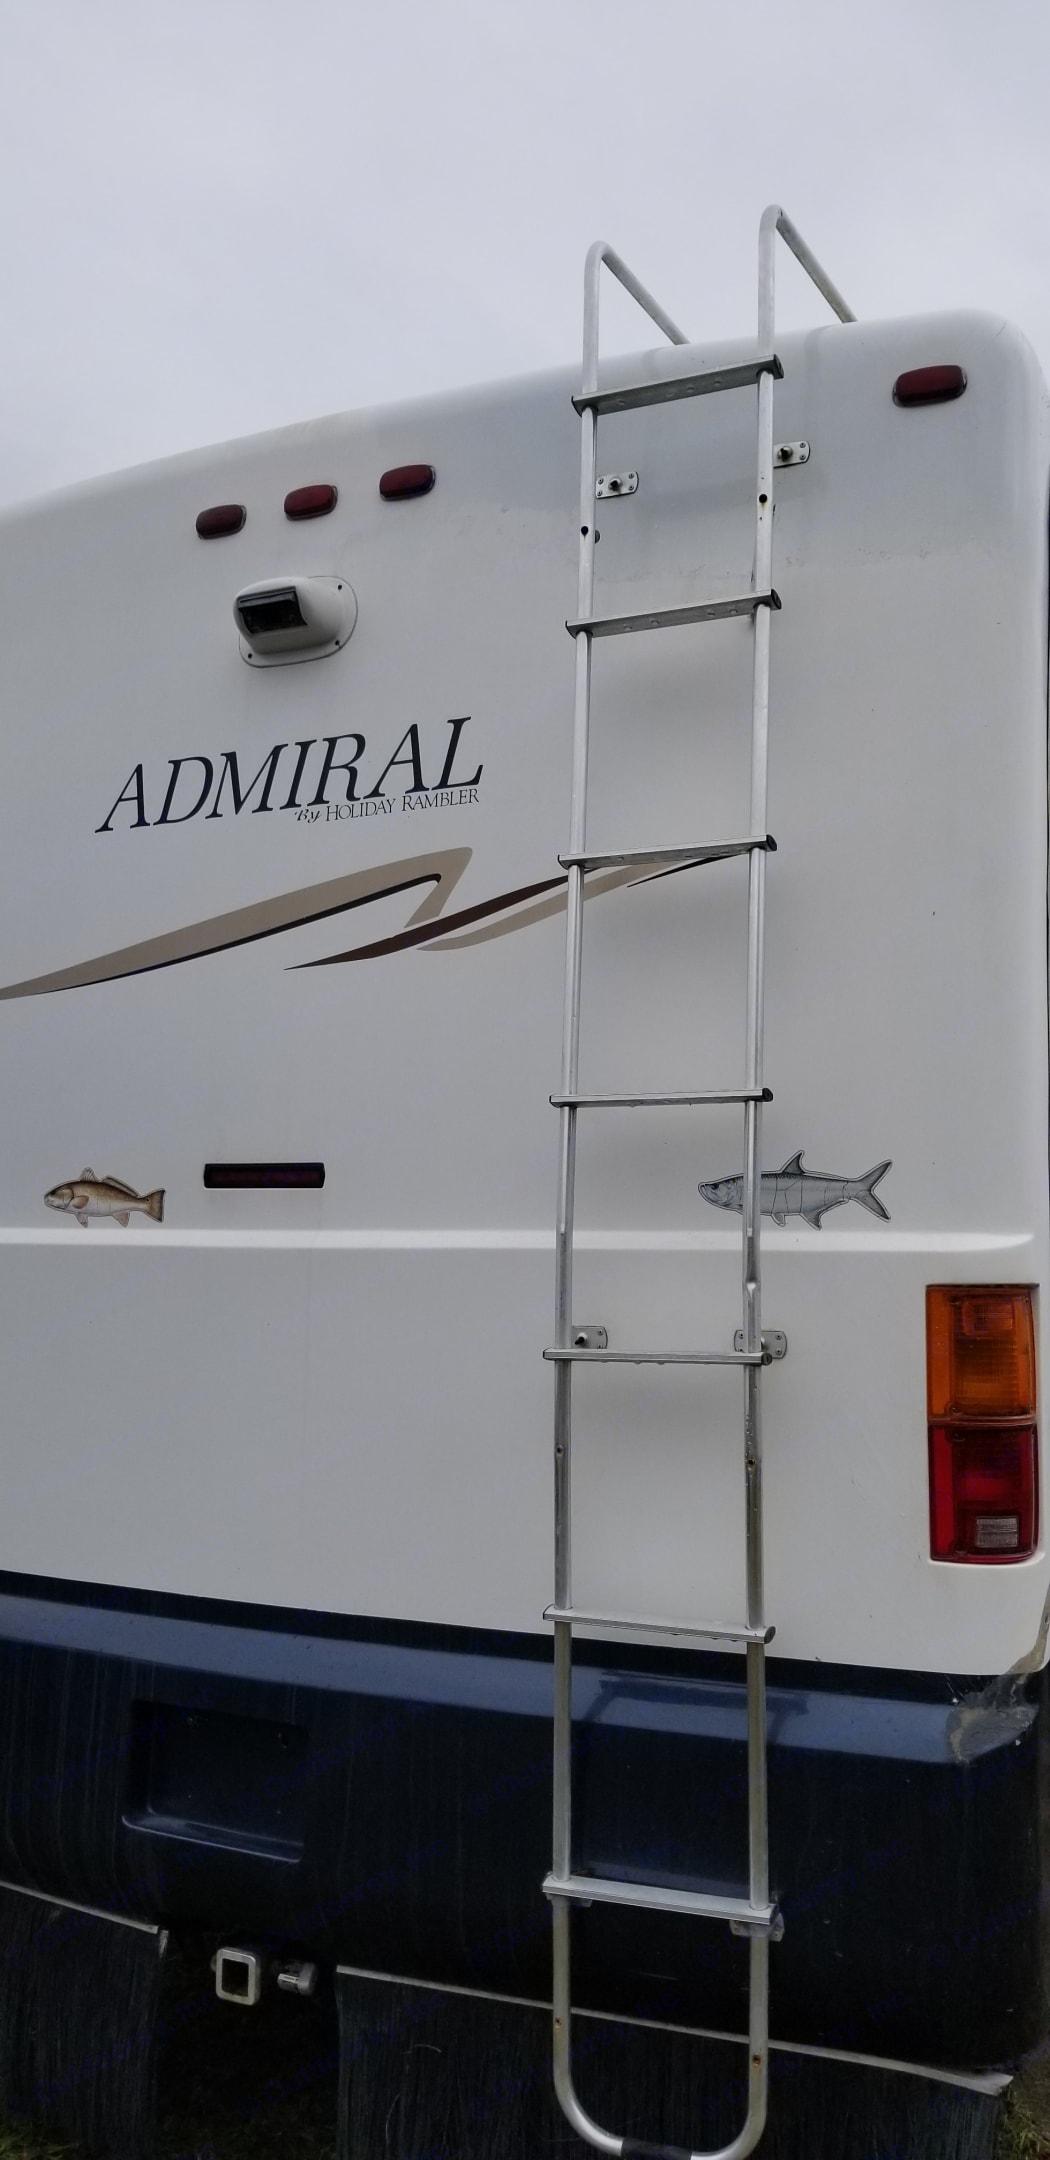 Holiday Rambler Admiral 2000